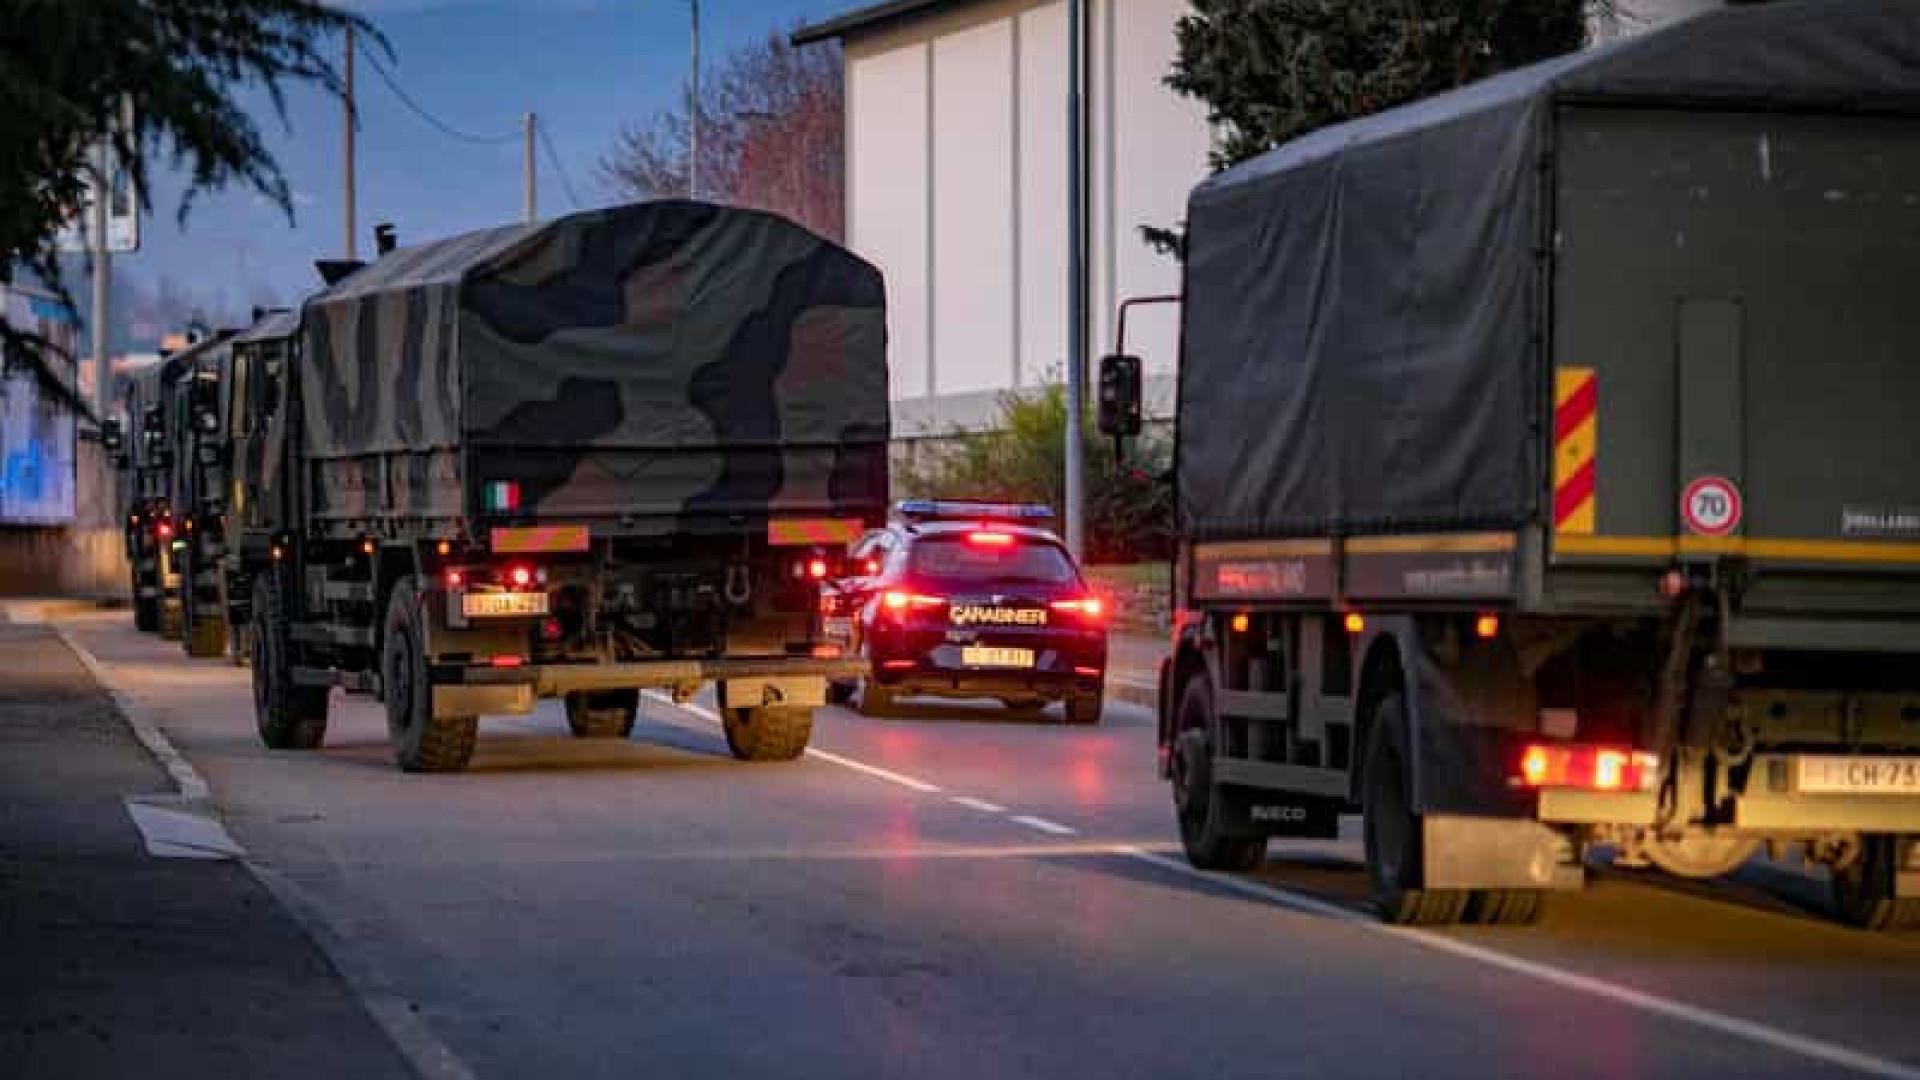 Fotos chocantes mostram caminhões transportando caixões na Itália